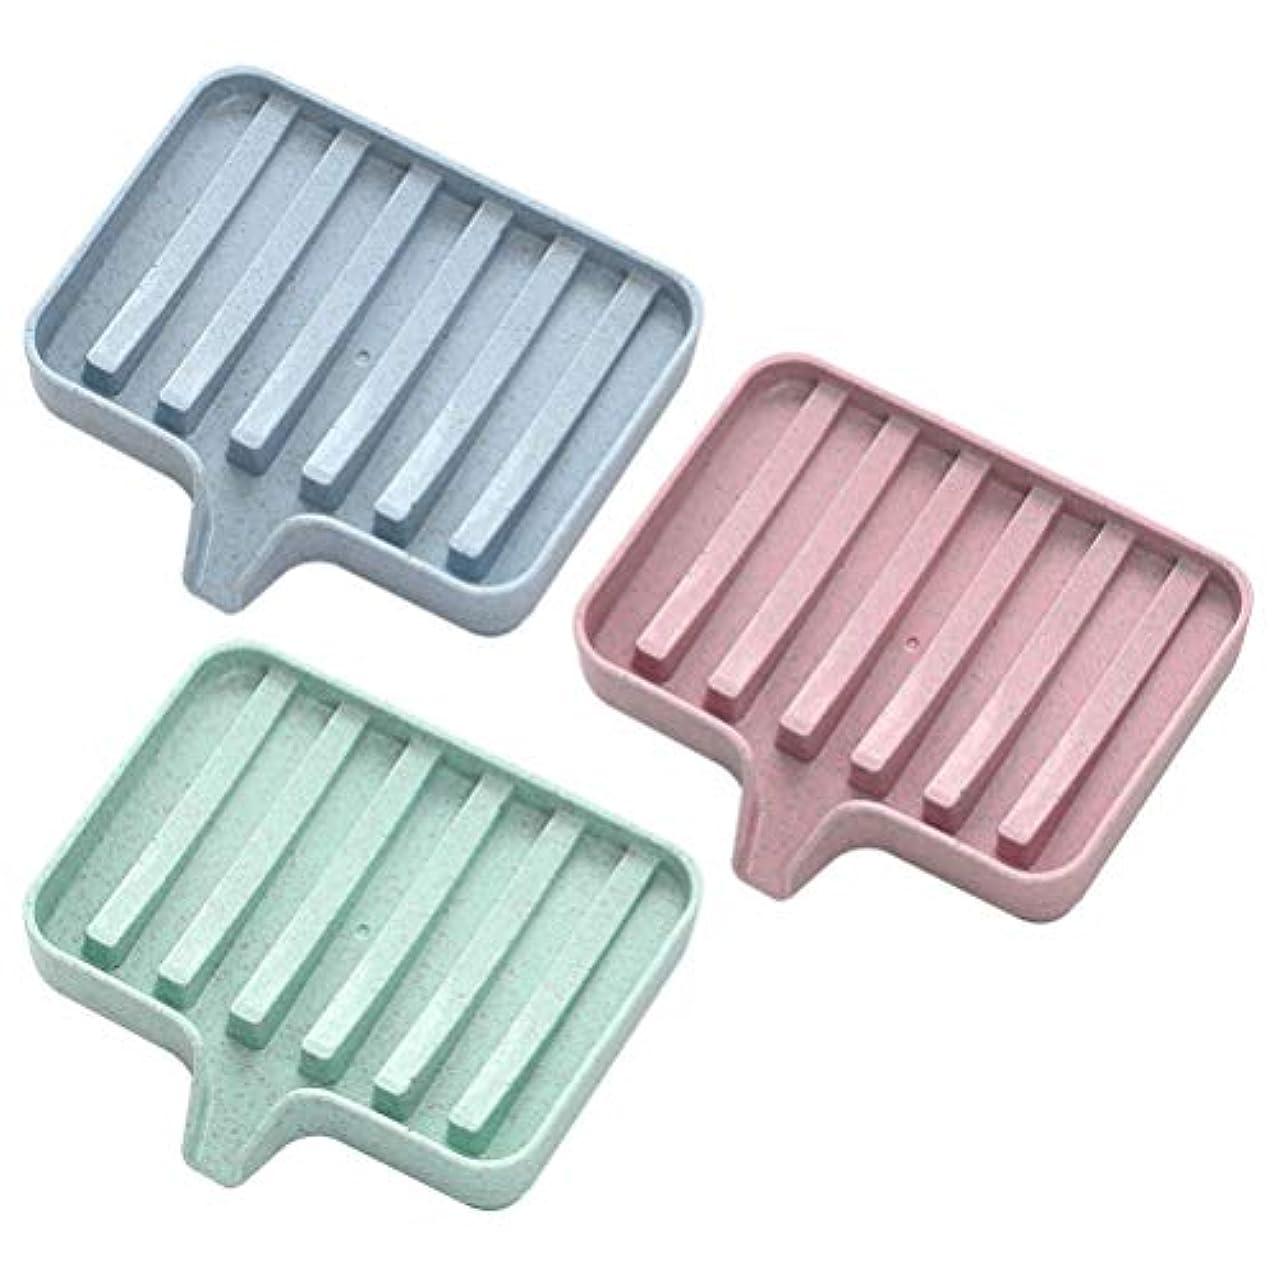 気質グラスちっちゃいROSENICE ソリッドカラーソープディッシュソープボックスホルダードレイン3pcs(ピンク+グリーン+ブルー)